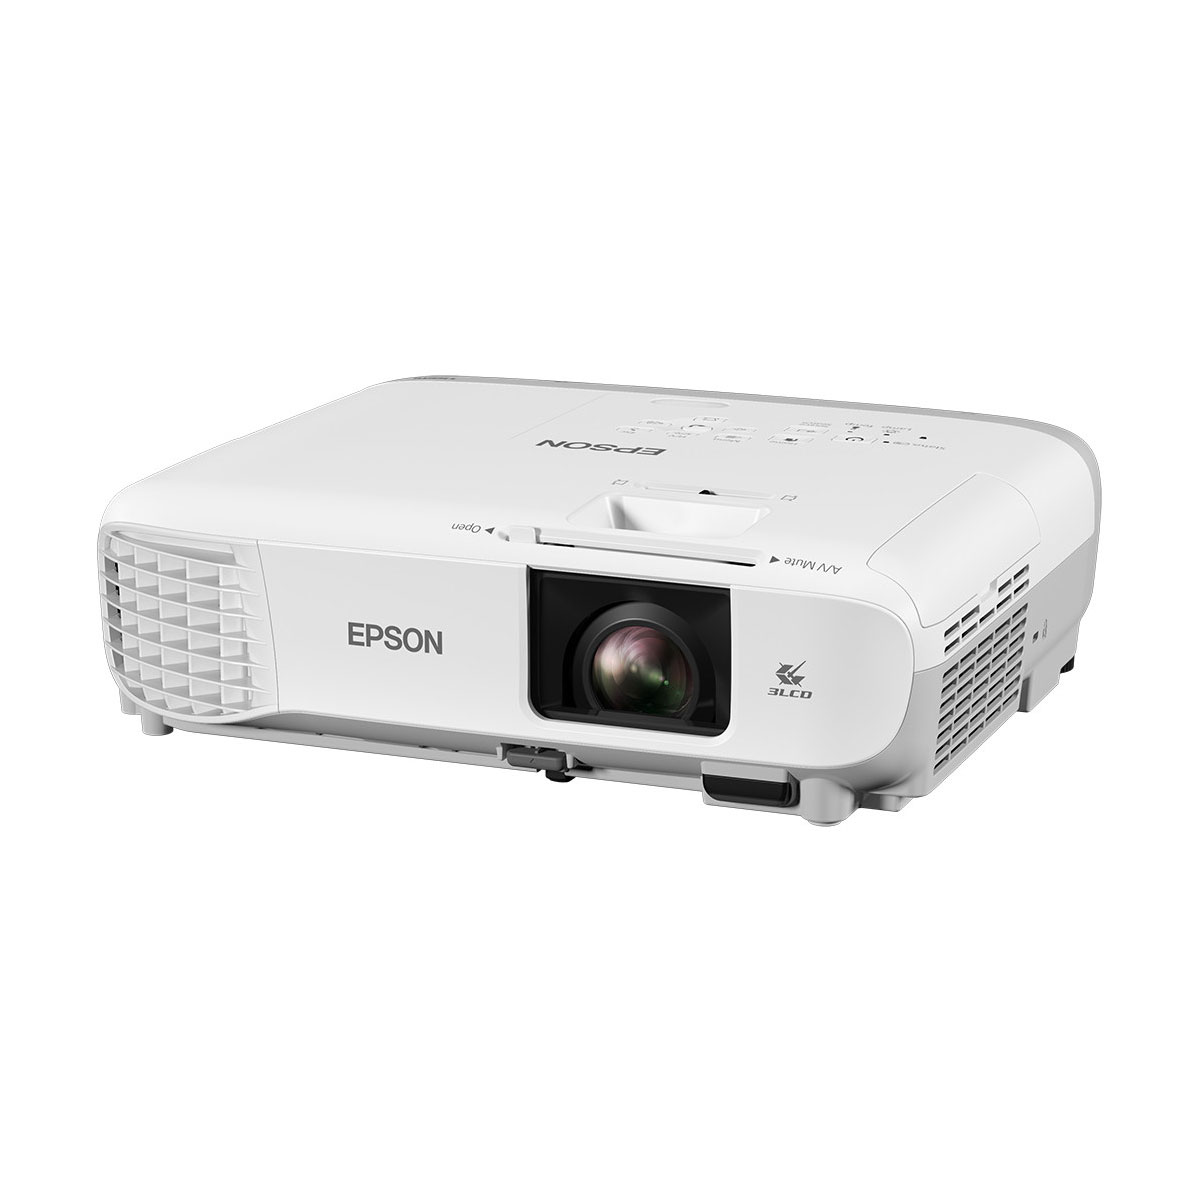 Epson eb s39 vid oprojecteur epson sur - Support plafond videoprojecteur epson ...